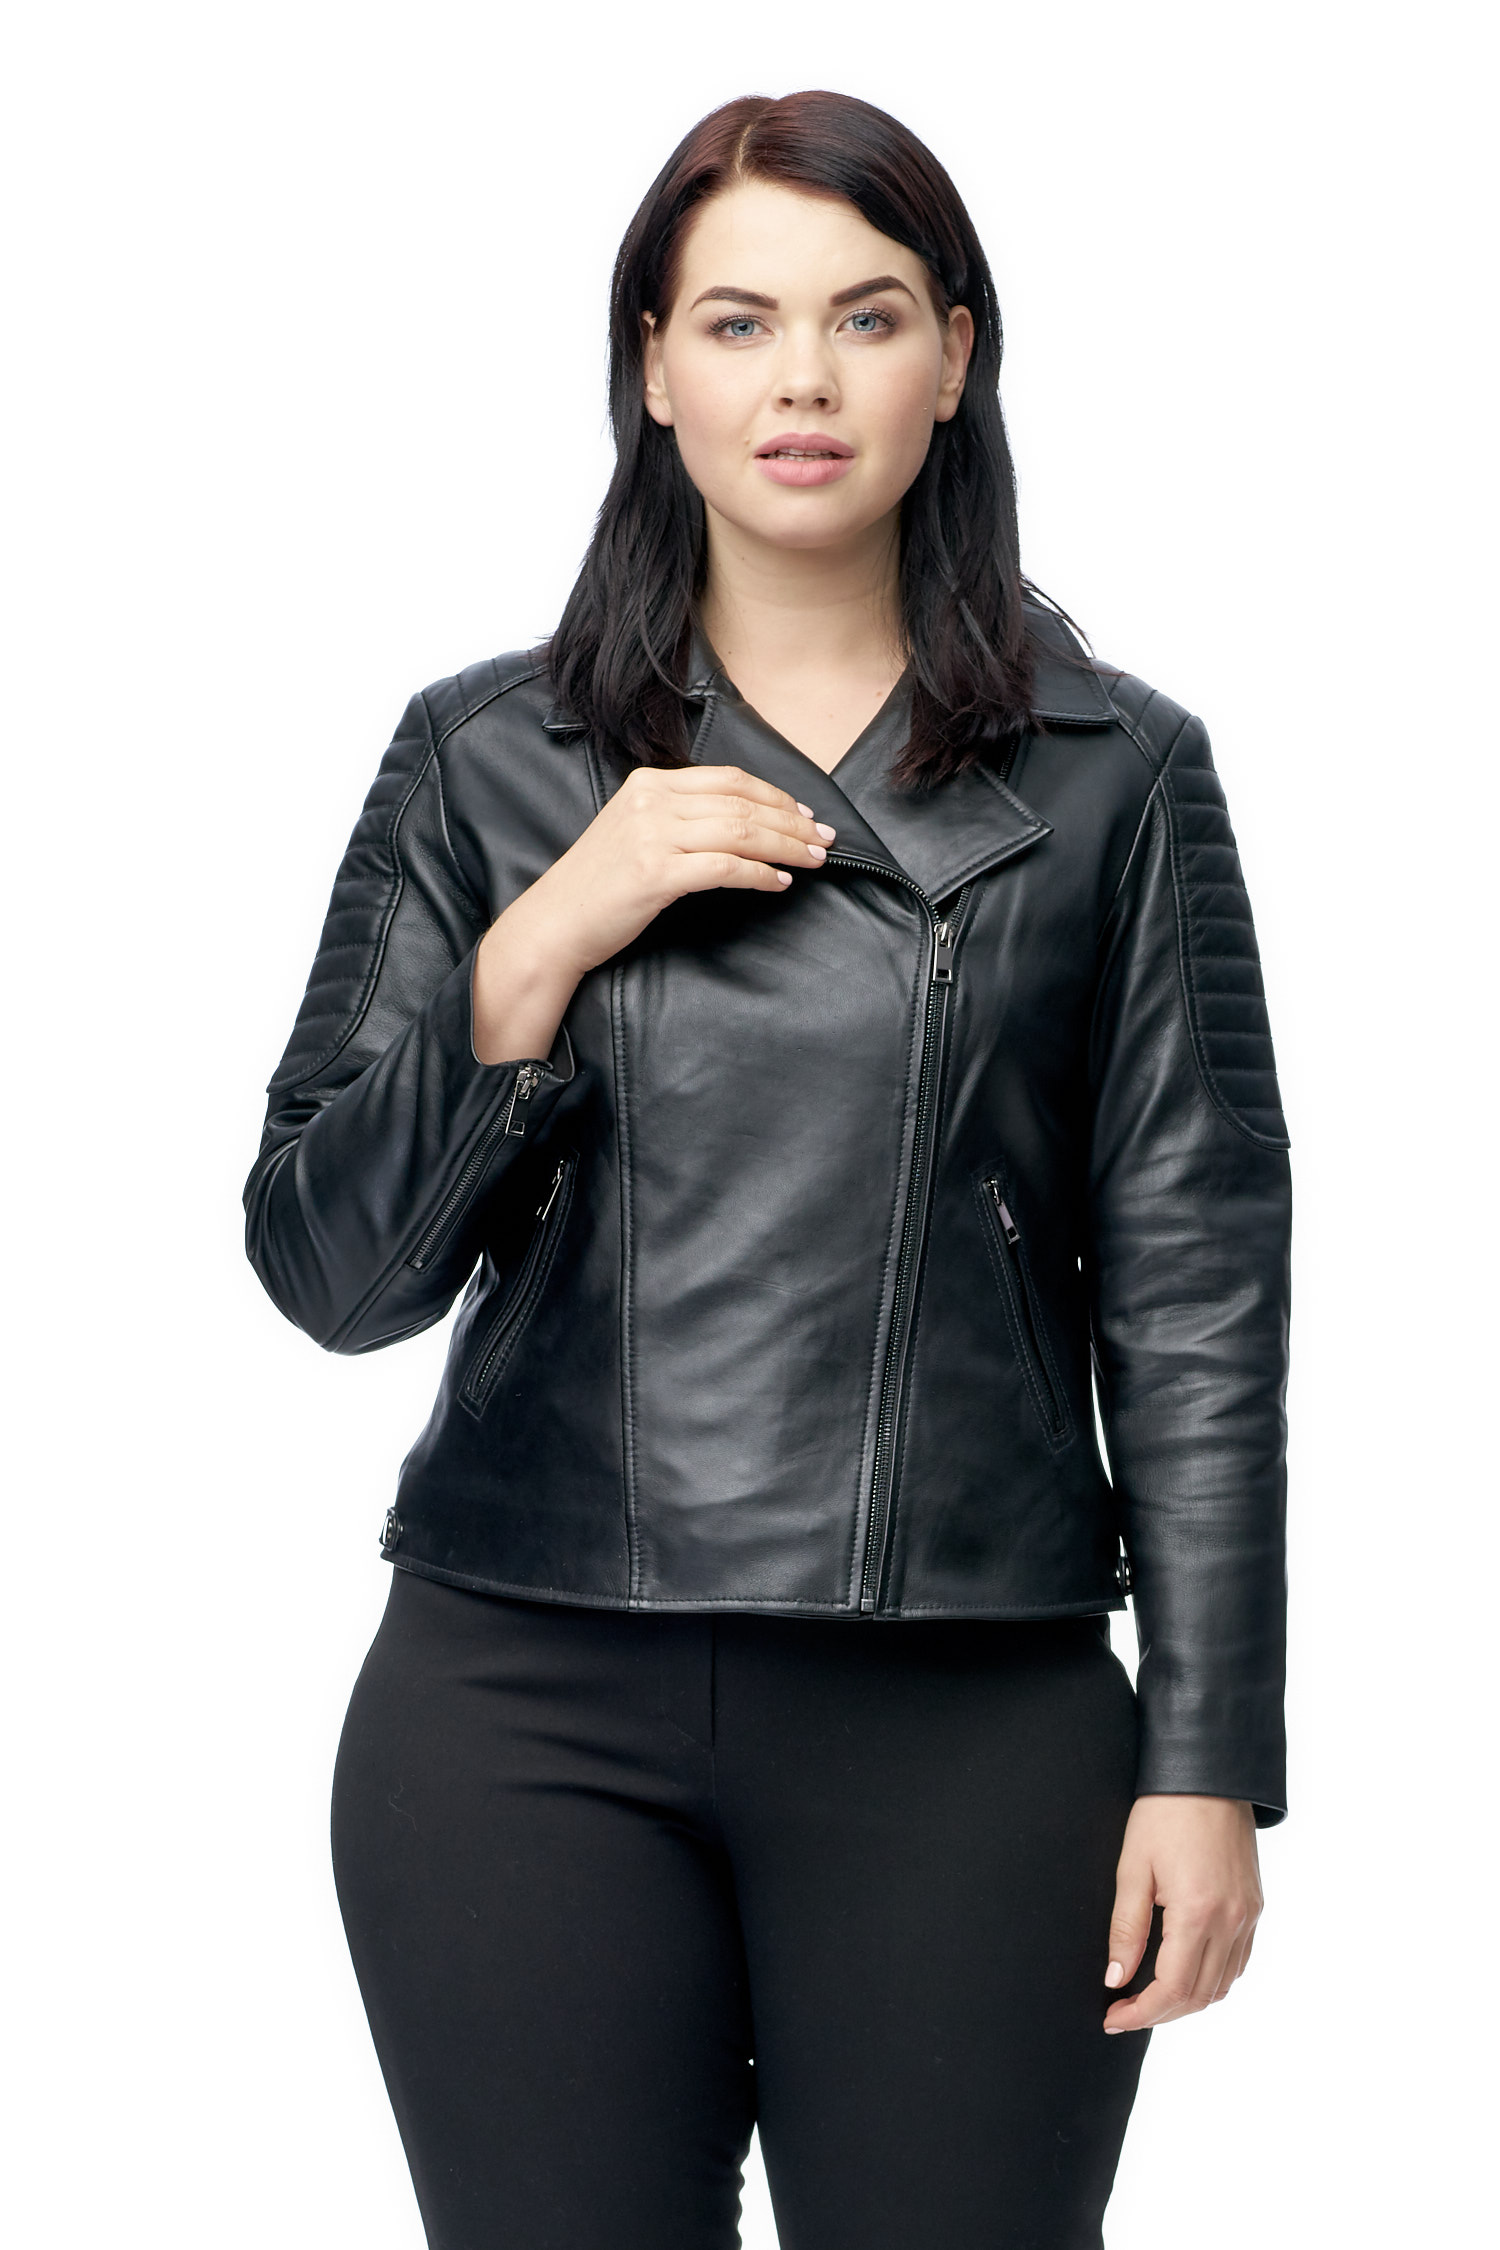 Женская кожаная куртка из натуральной кожи с воротником МОСМЕХА